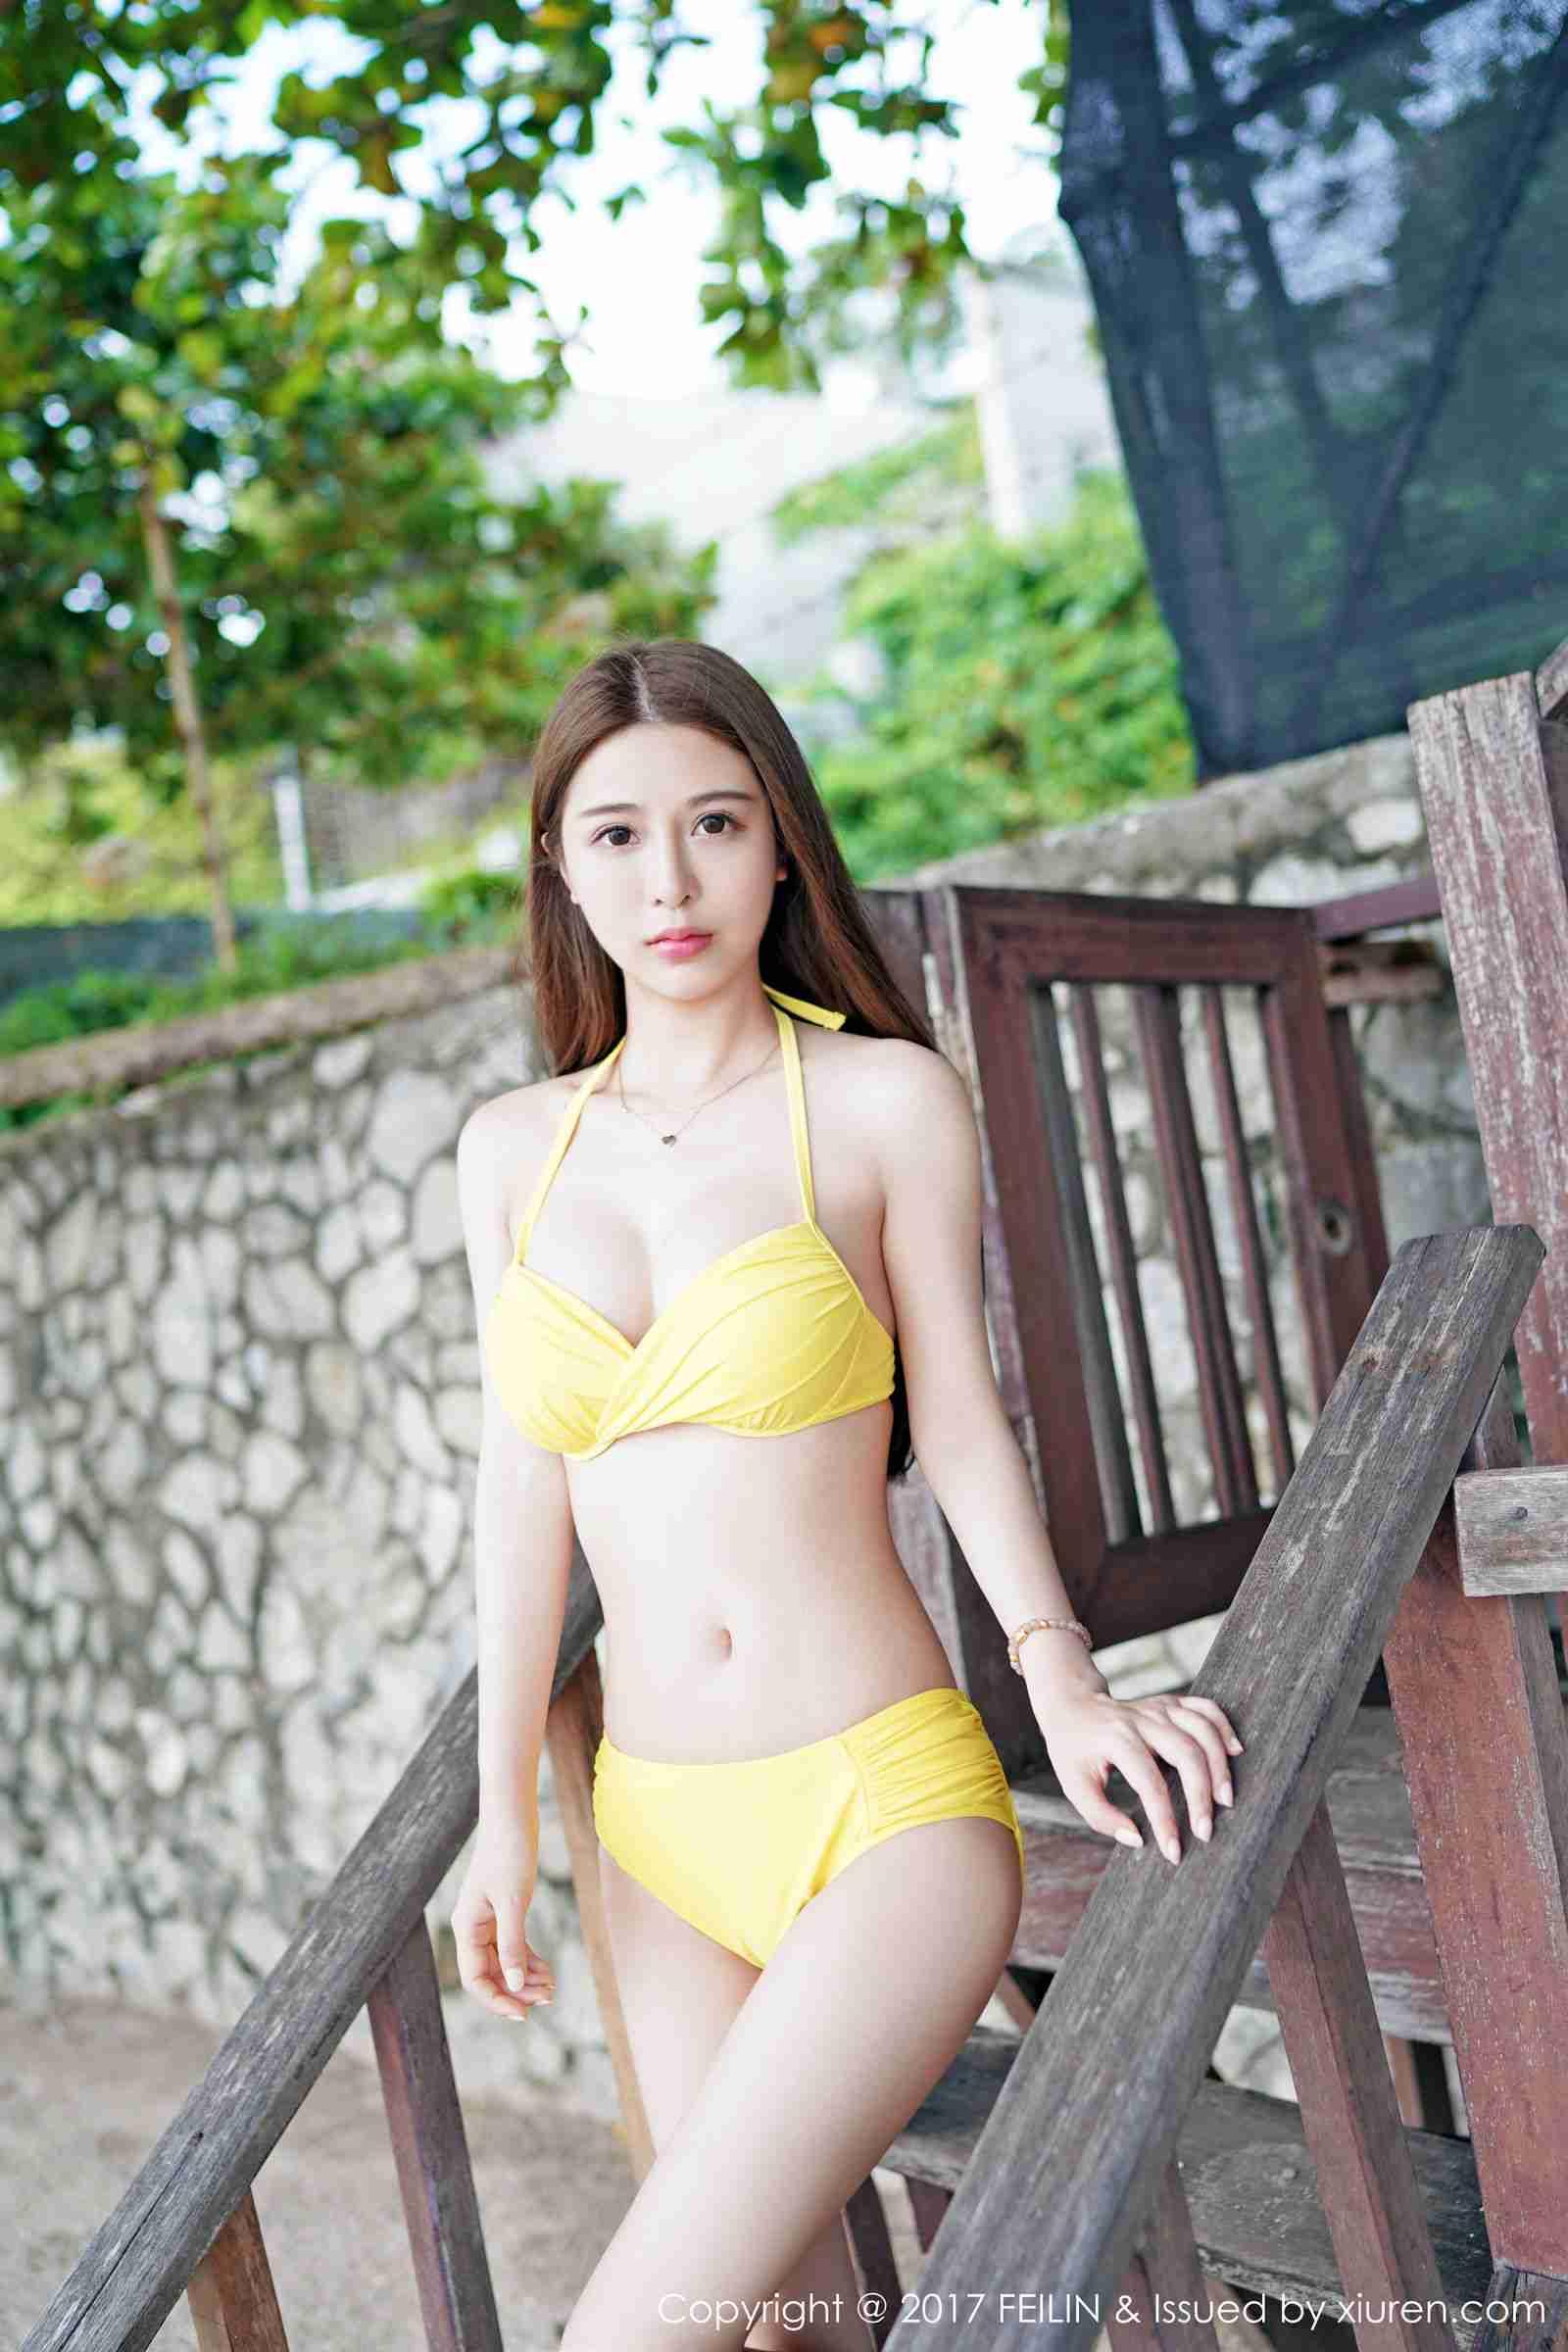 张静燕 - 模特@luna张静燕第三套写真